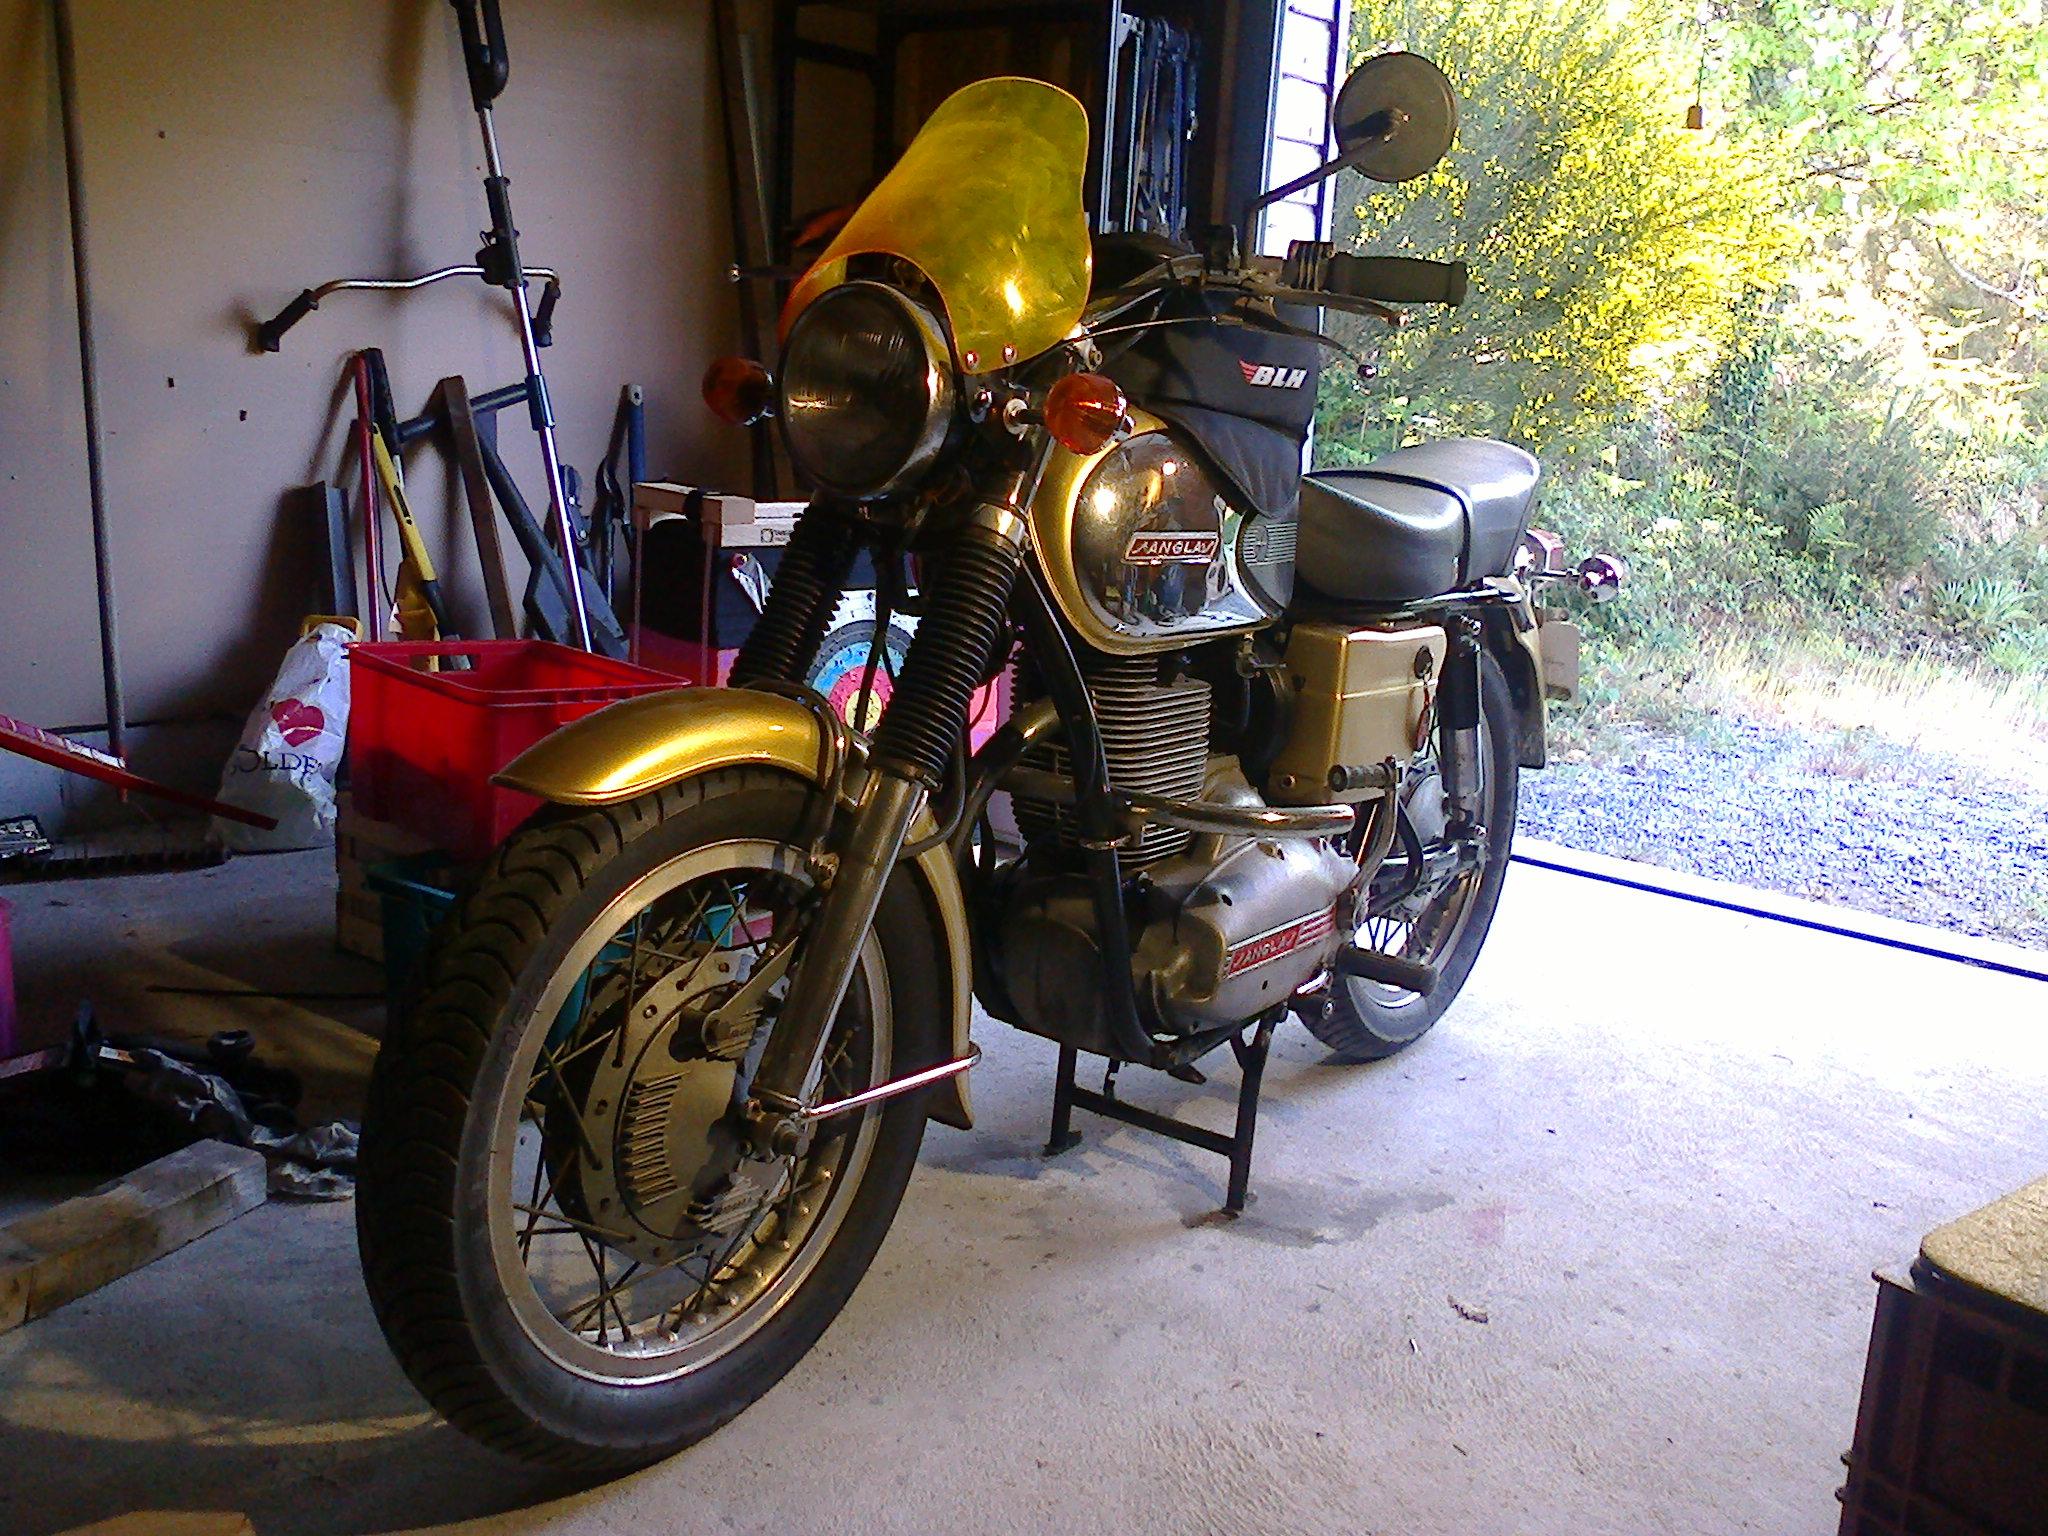 Le garage de Marzan, reprise. Photo0070